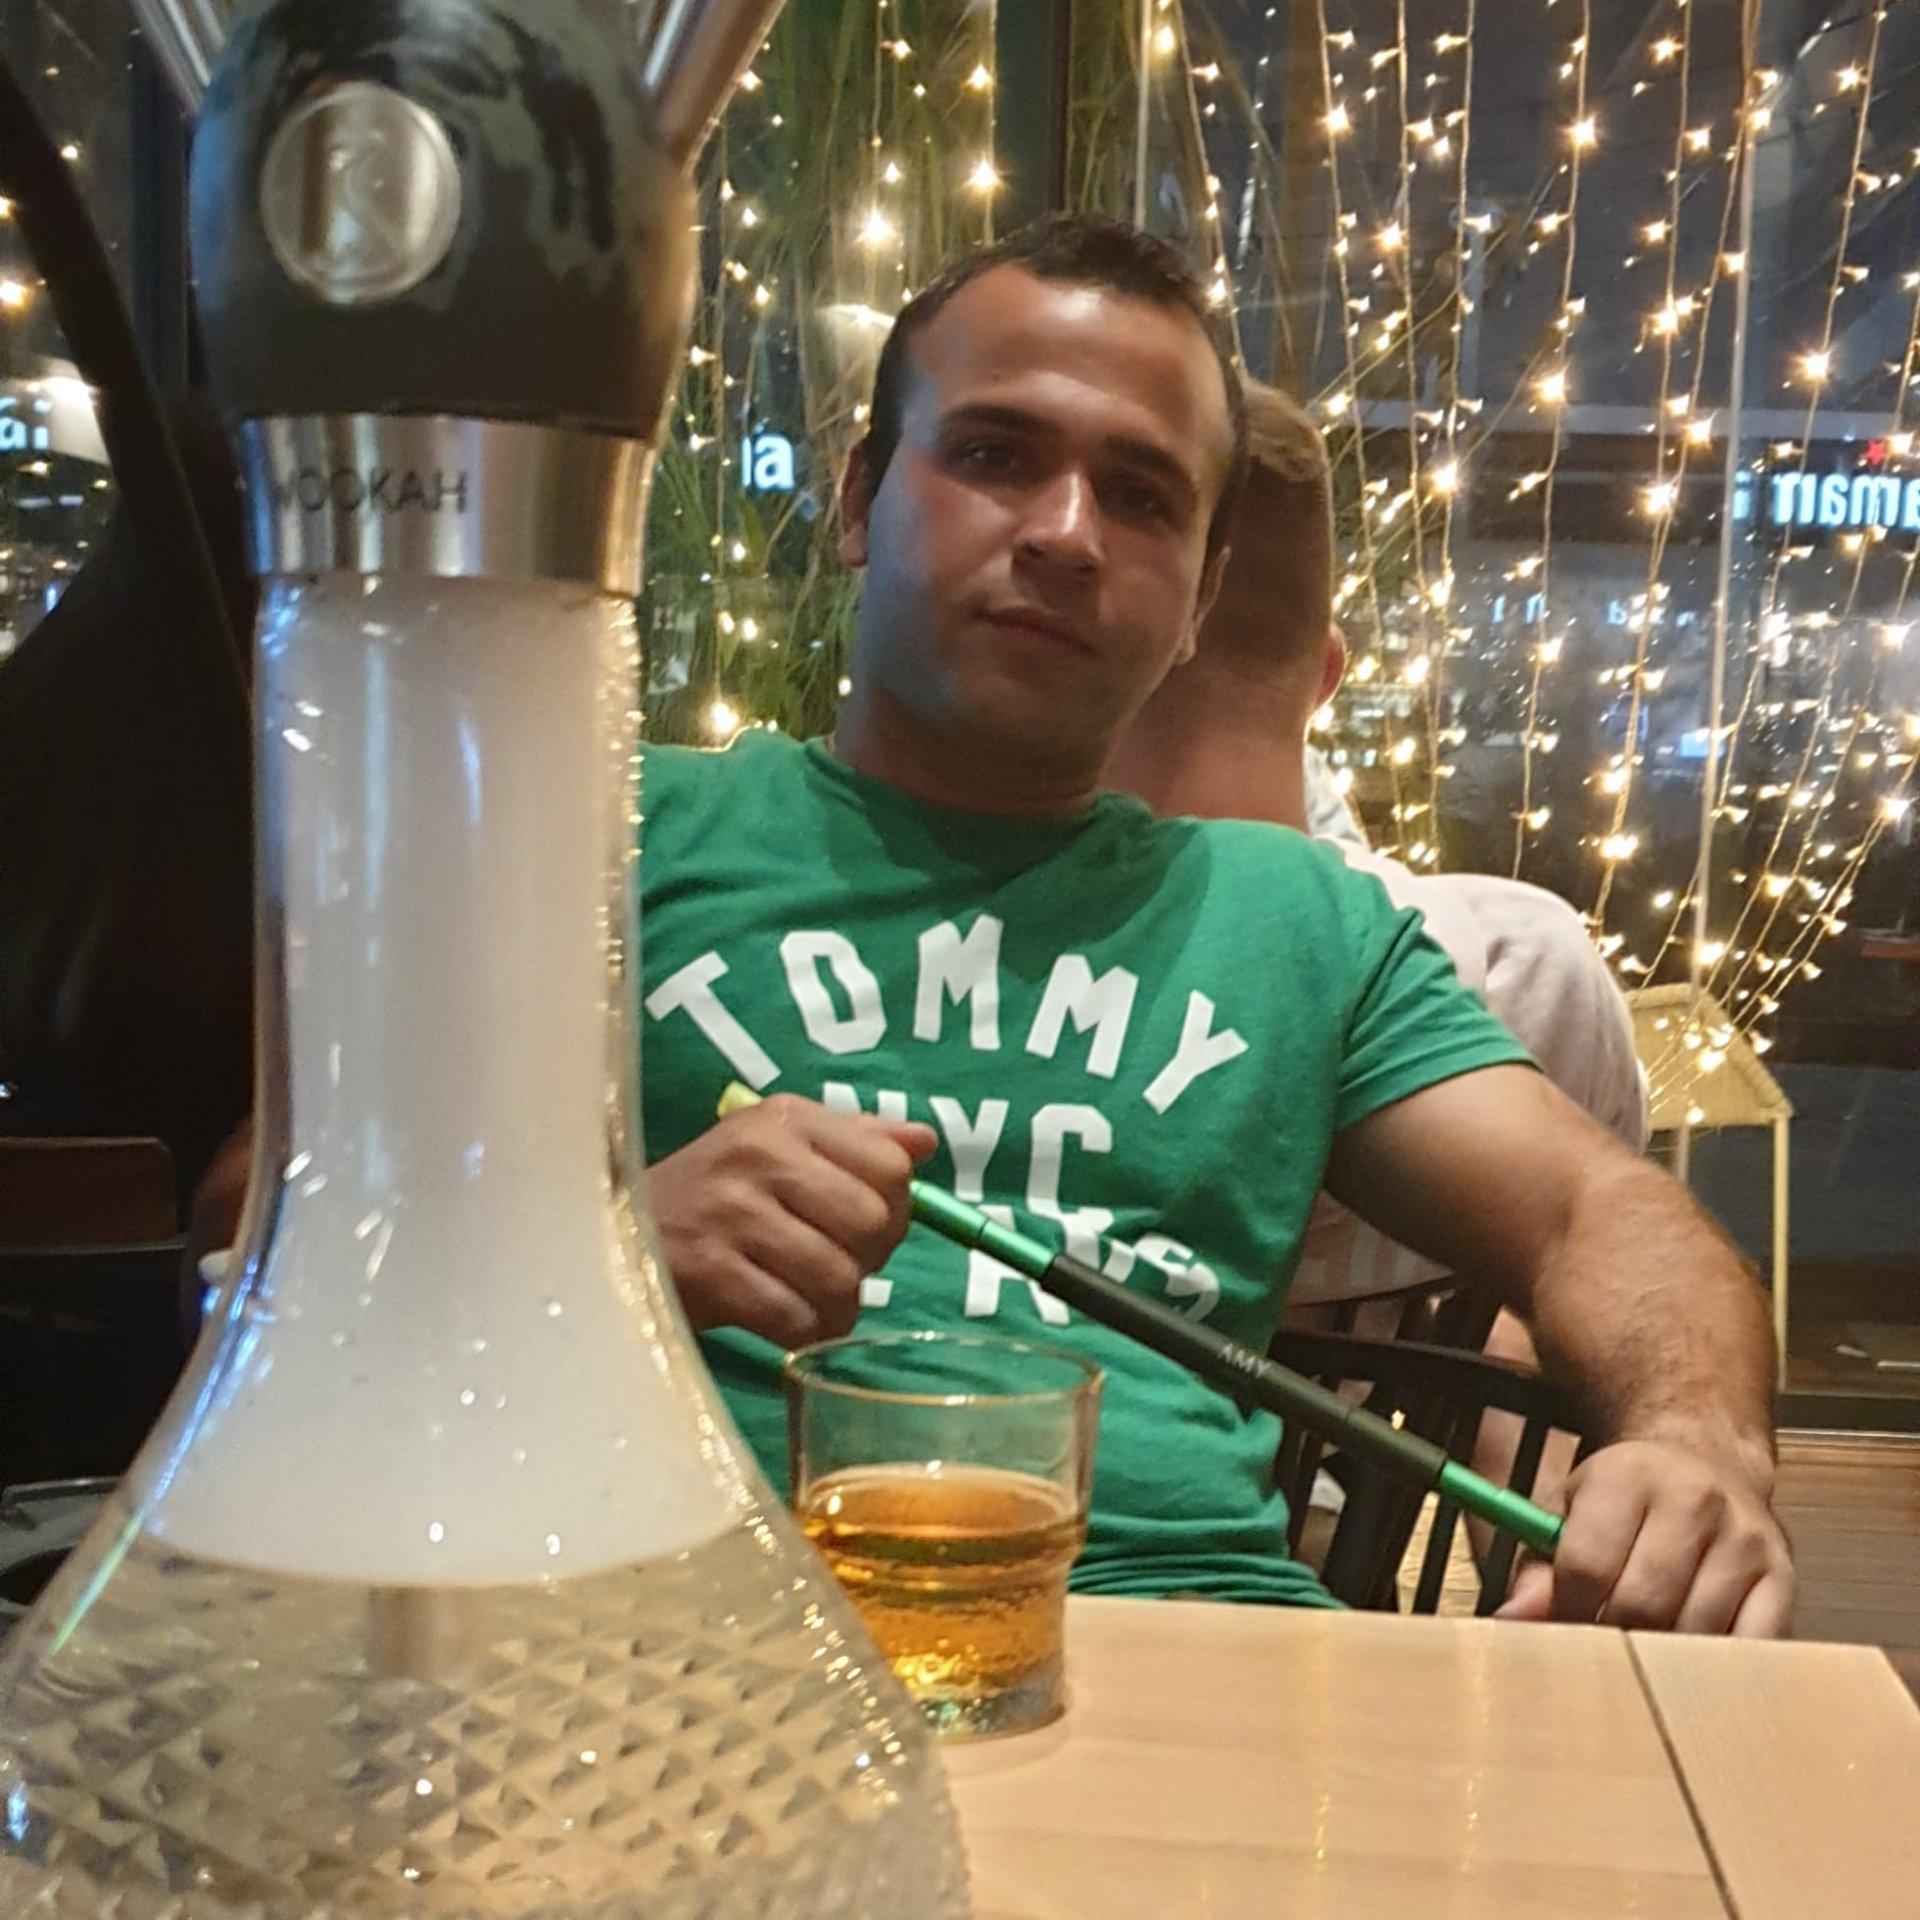 Mohammad aus Tirol,Österreich